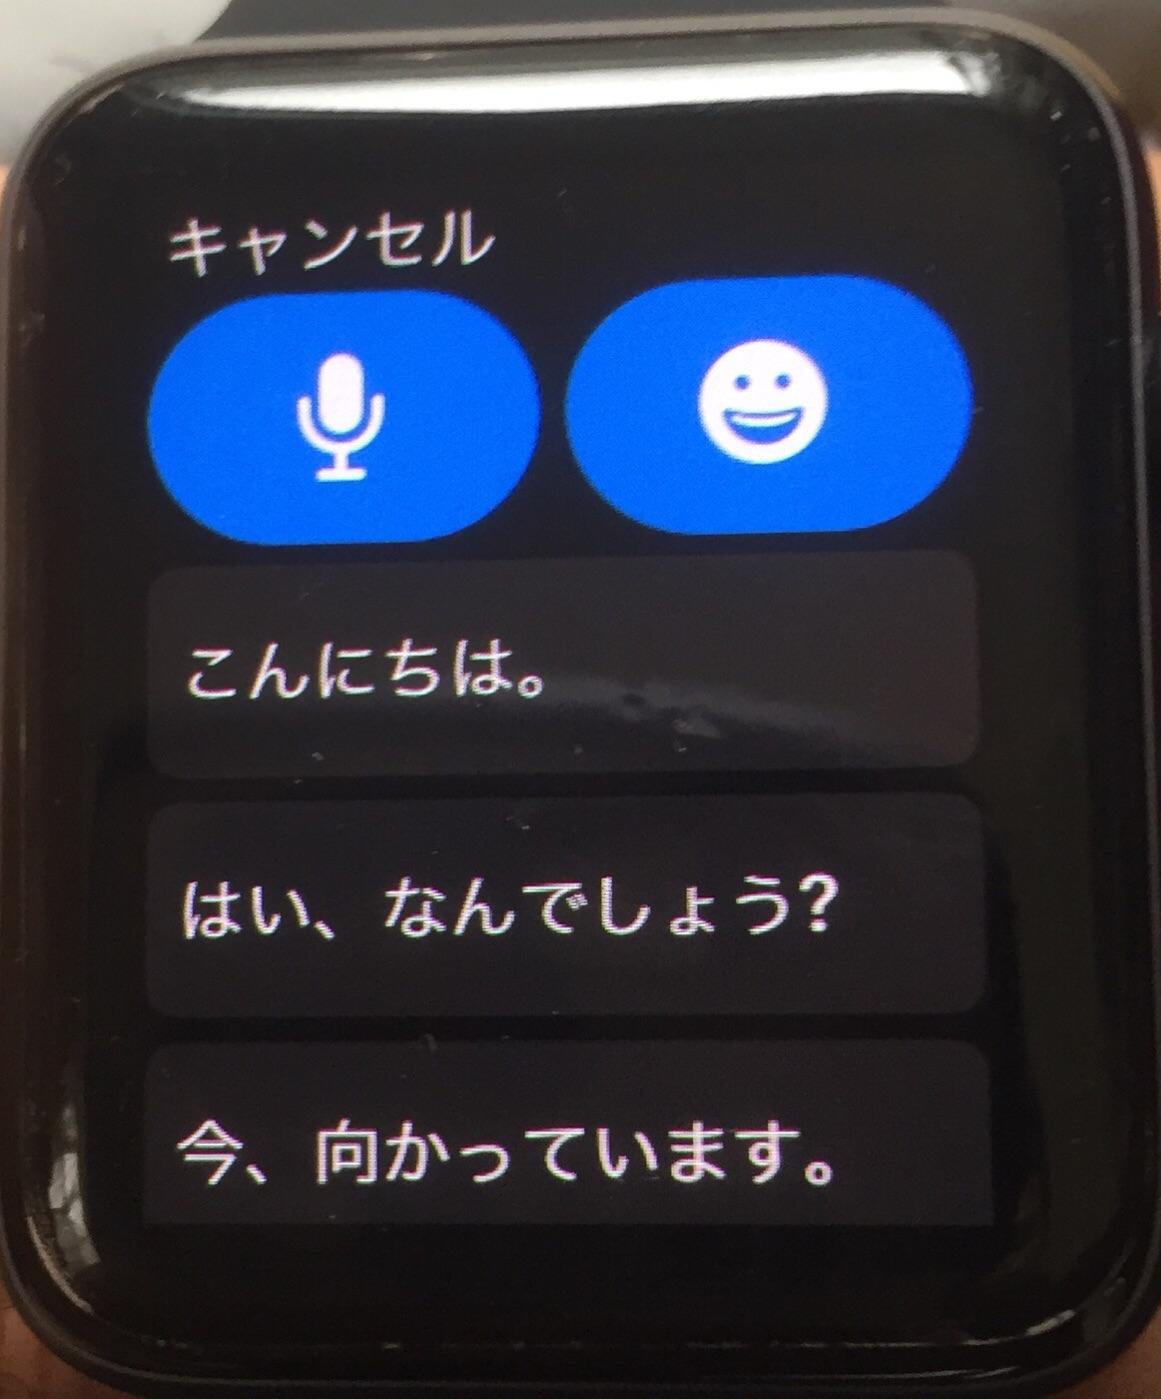 アップルウォッチ返信画面